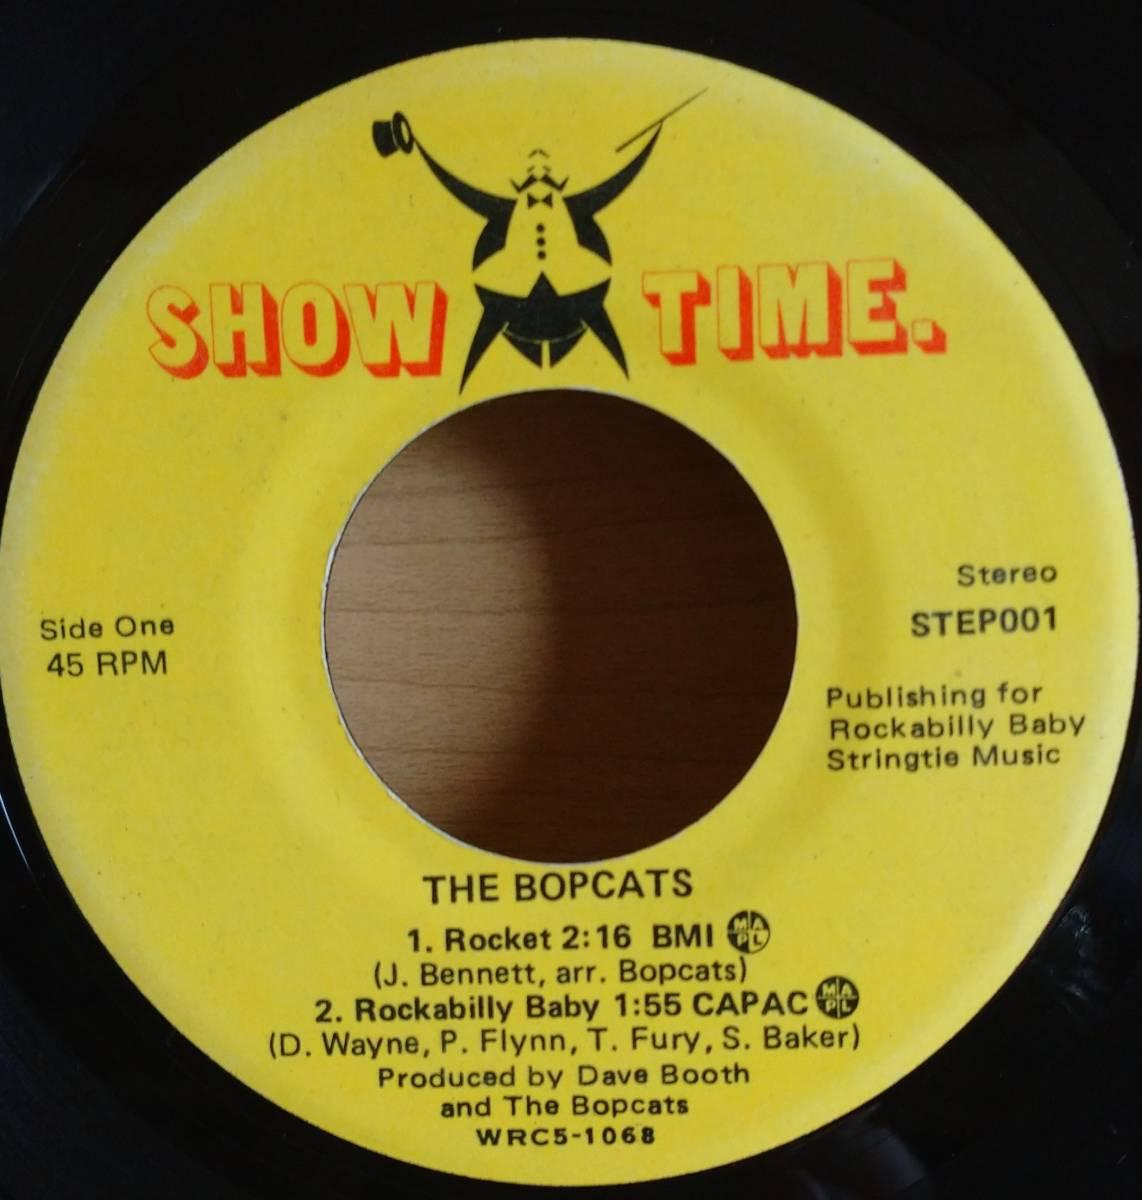 ◆ カナダ ネオロカ ◆ THE BOPCATS / 4曲入り7インチEP ◆ アルバム未収録有 ロカビリー サイコビリー ストレイキャッツ Stray Cats ◆_画像3